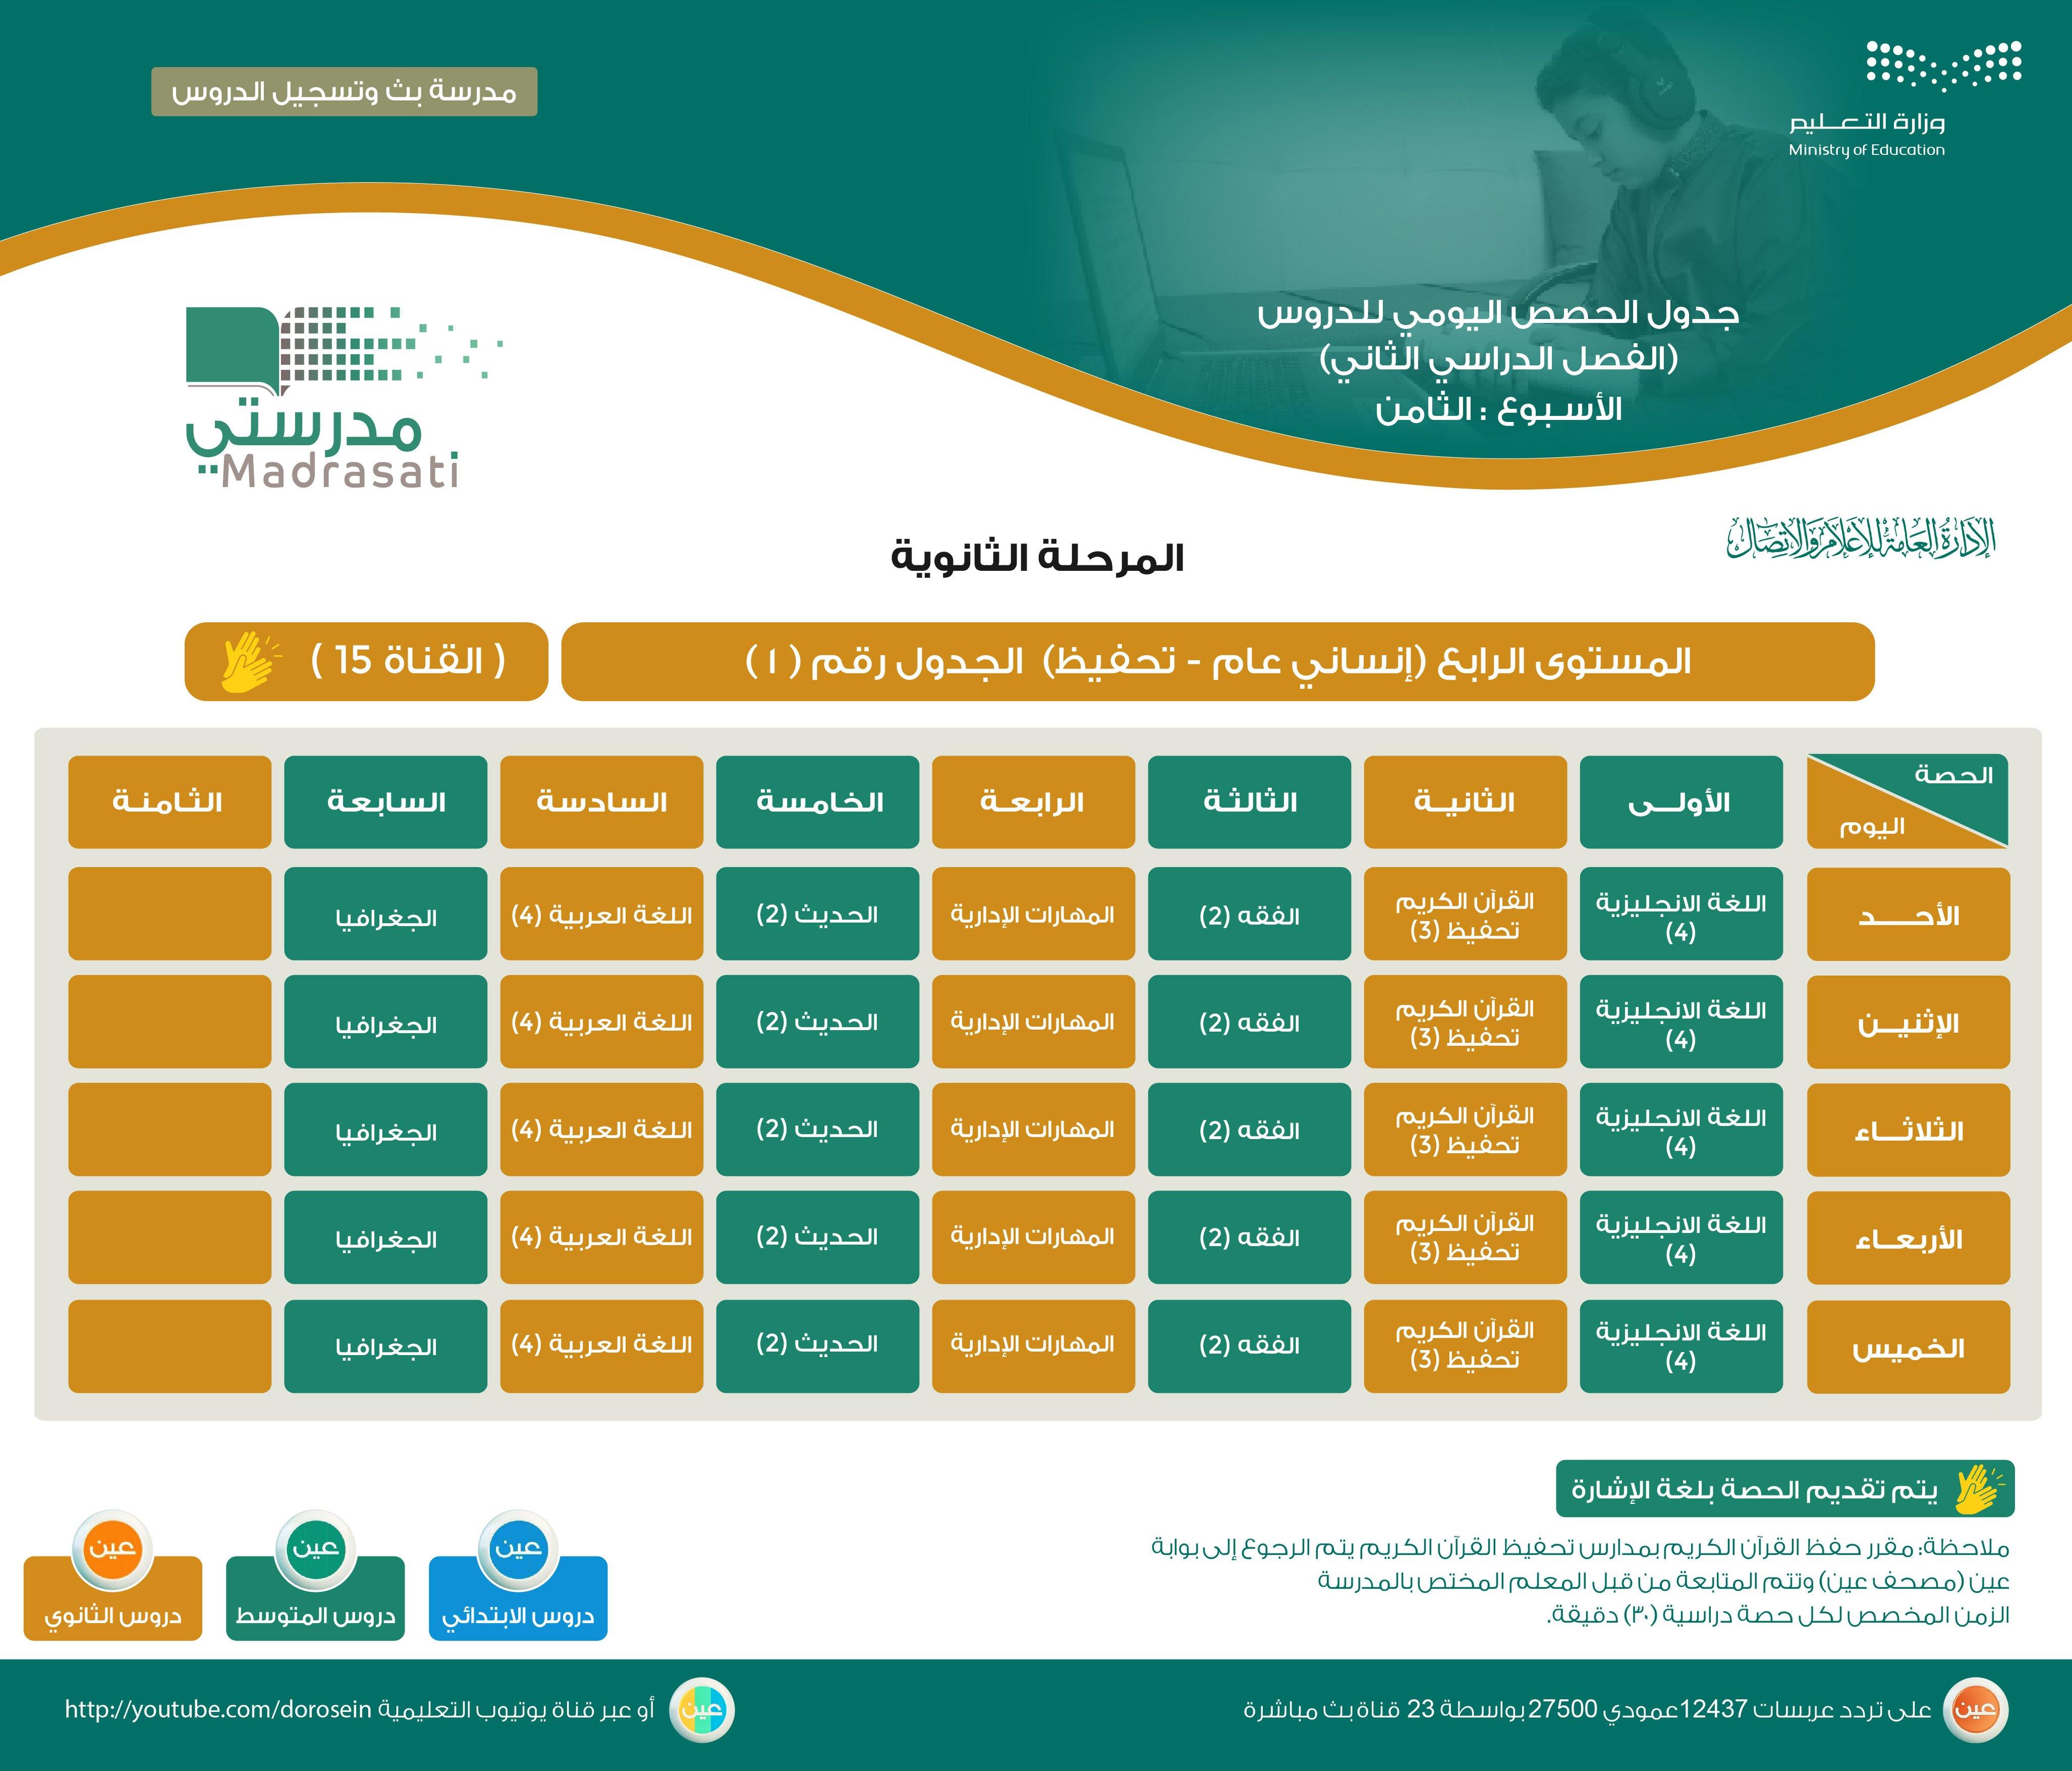 جدول المستوى الرابع إنساني عام - تحفيظ